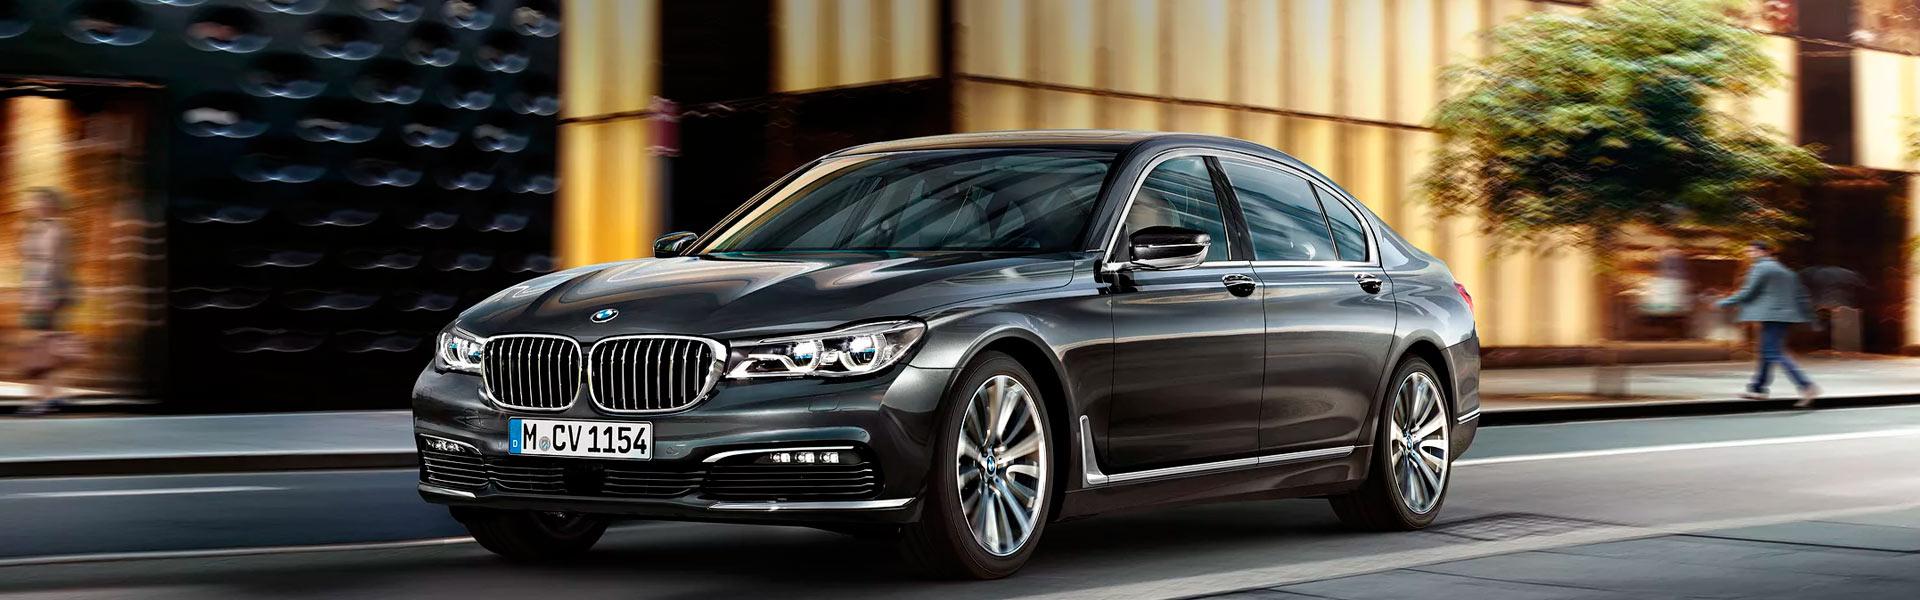 Катушка зажигания на BMW 7-series